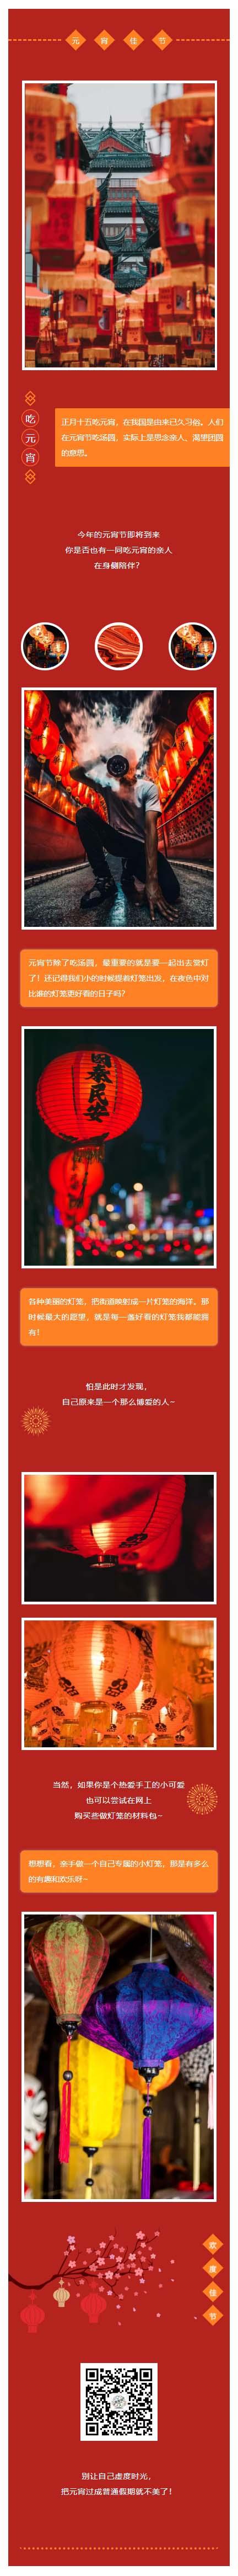 元宵佳节正月十五吃元宵微信推送文章素材推文模板